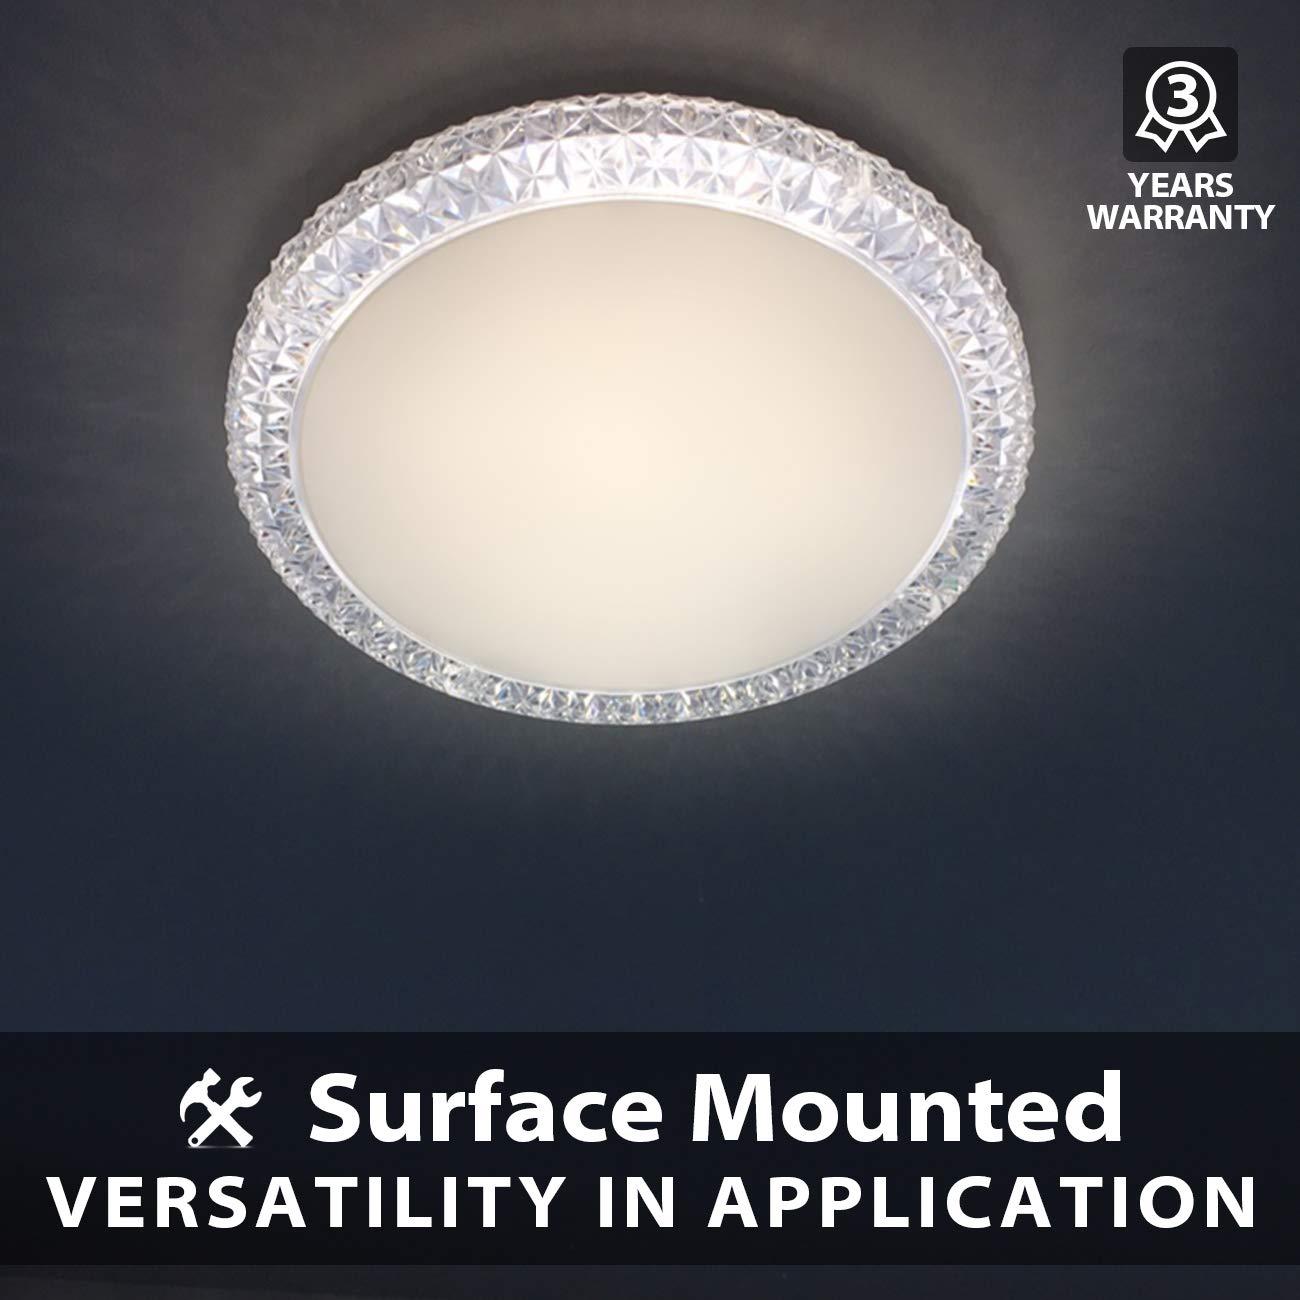 24W LED Deckenlampe Aufbau 4000K Neutralweiß, 2040 Lumen, Rund ø40 Cm,  Deckenleuchte Für Wohnzimmer Schlafzimmer Küche ...